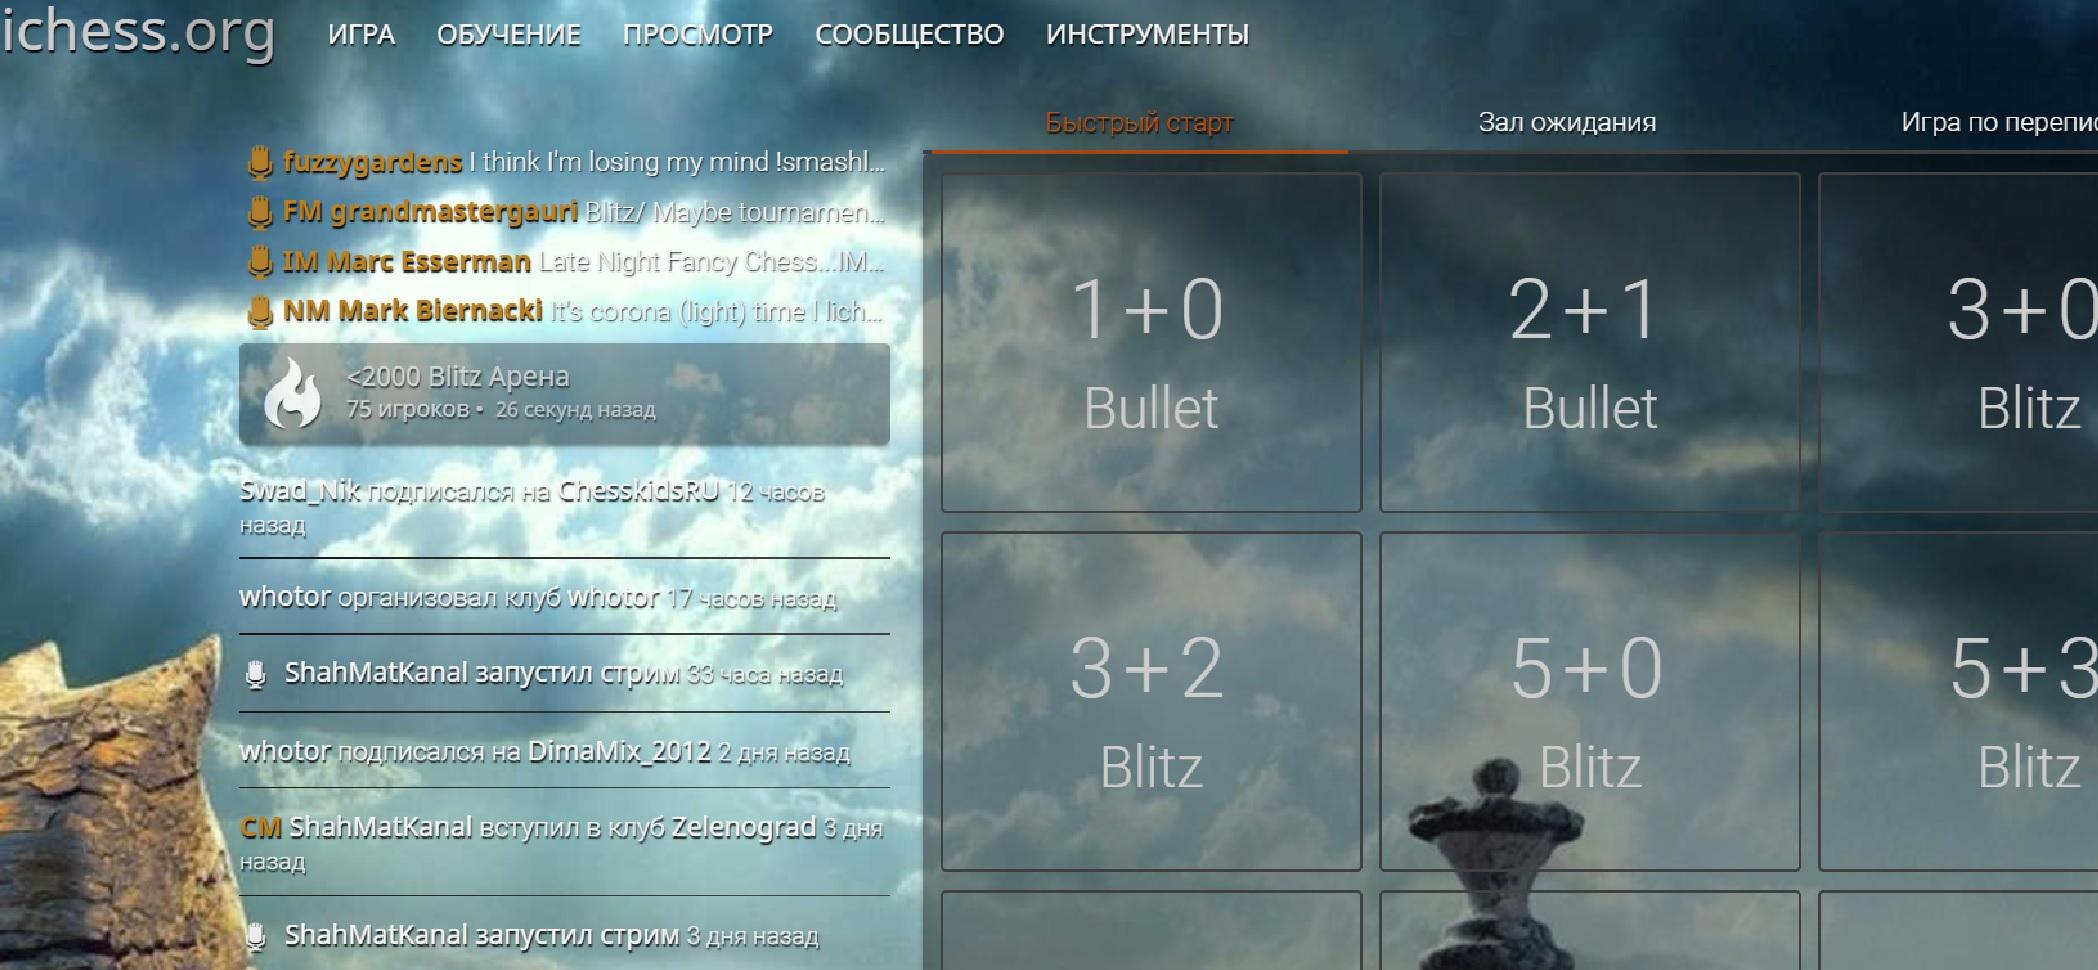 Мы в Online 27.03.2020 Занятие+турнир Chesskids Arena Мытищи - Химки - Москва